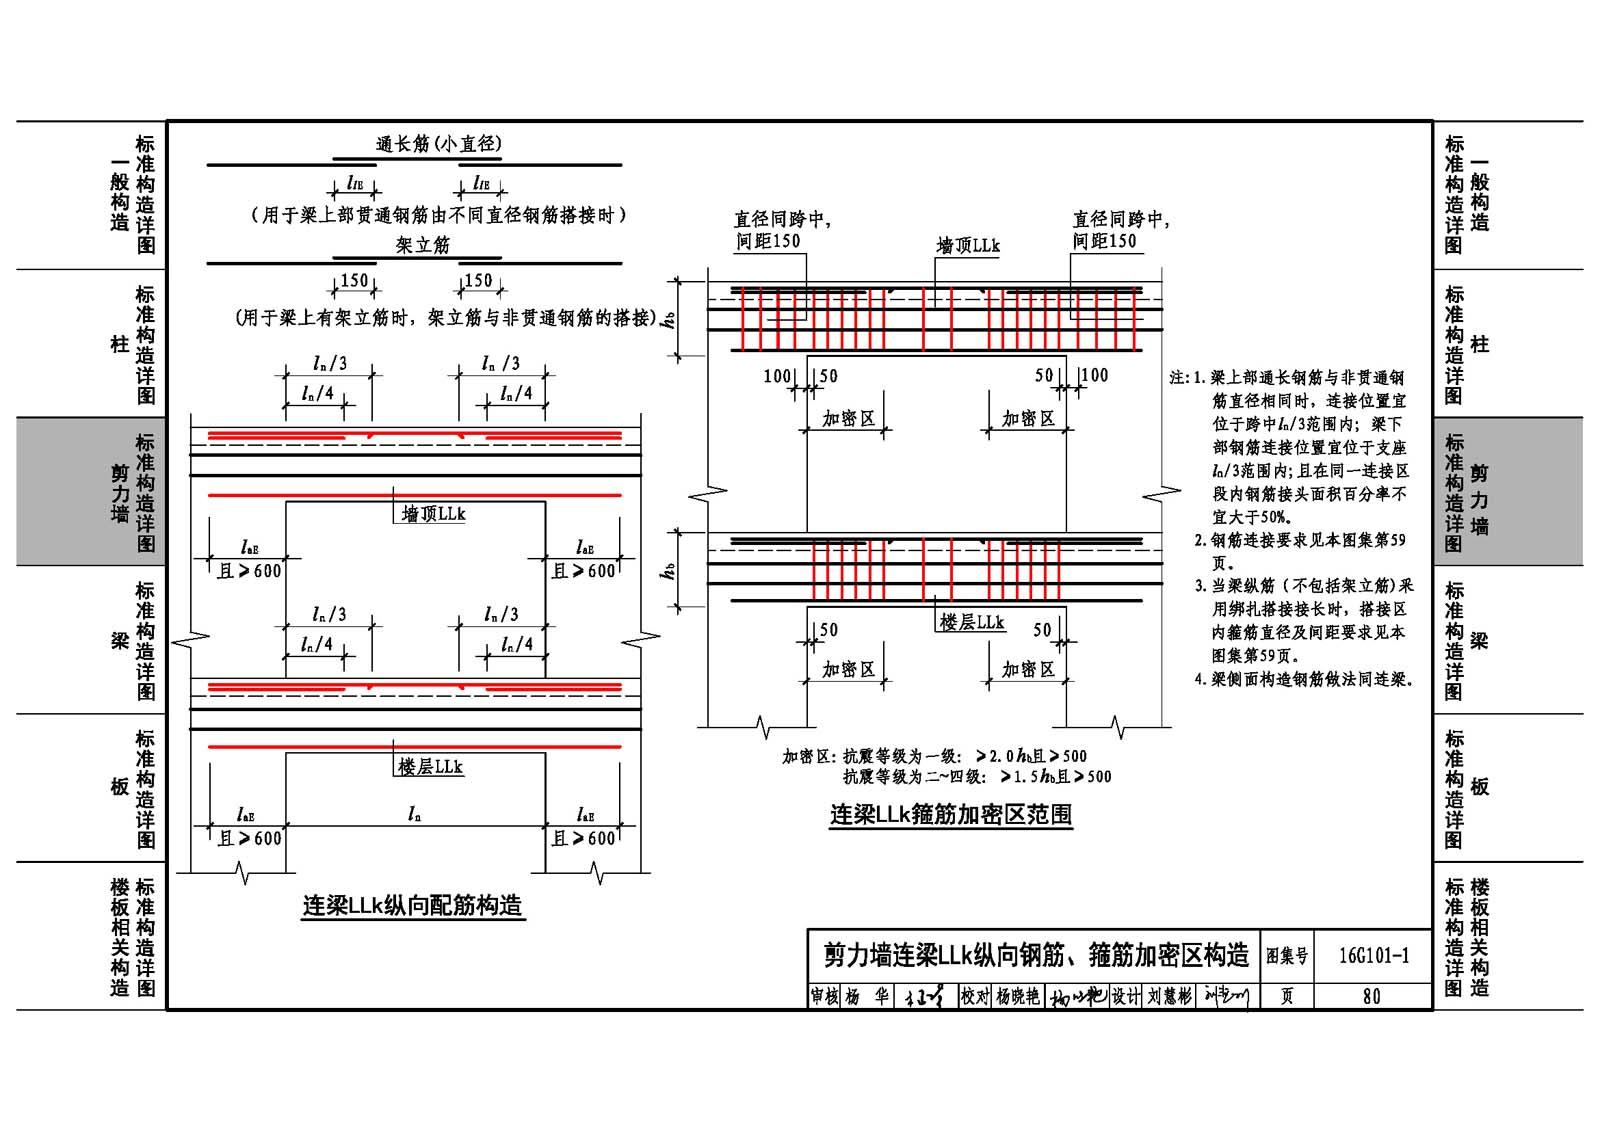 16g101-1:混凝土结构施工图平面整体表示方法制图